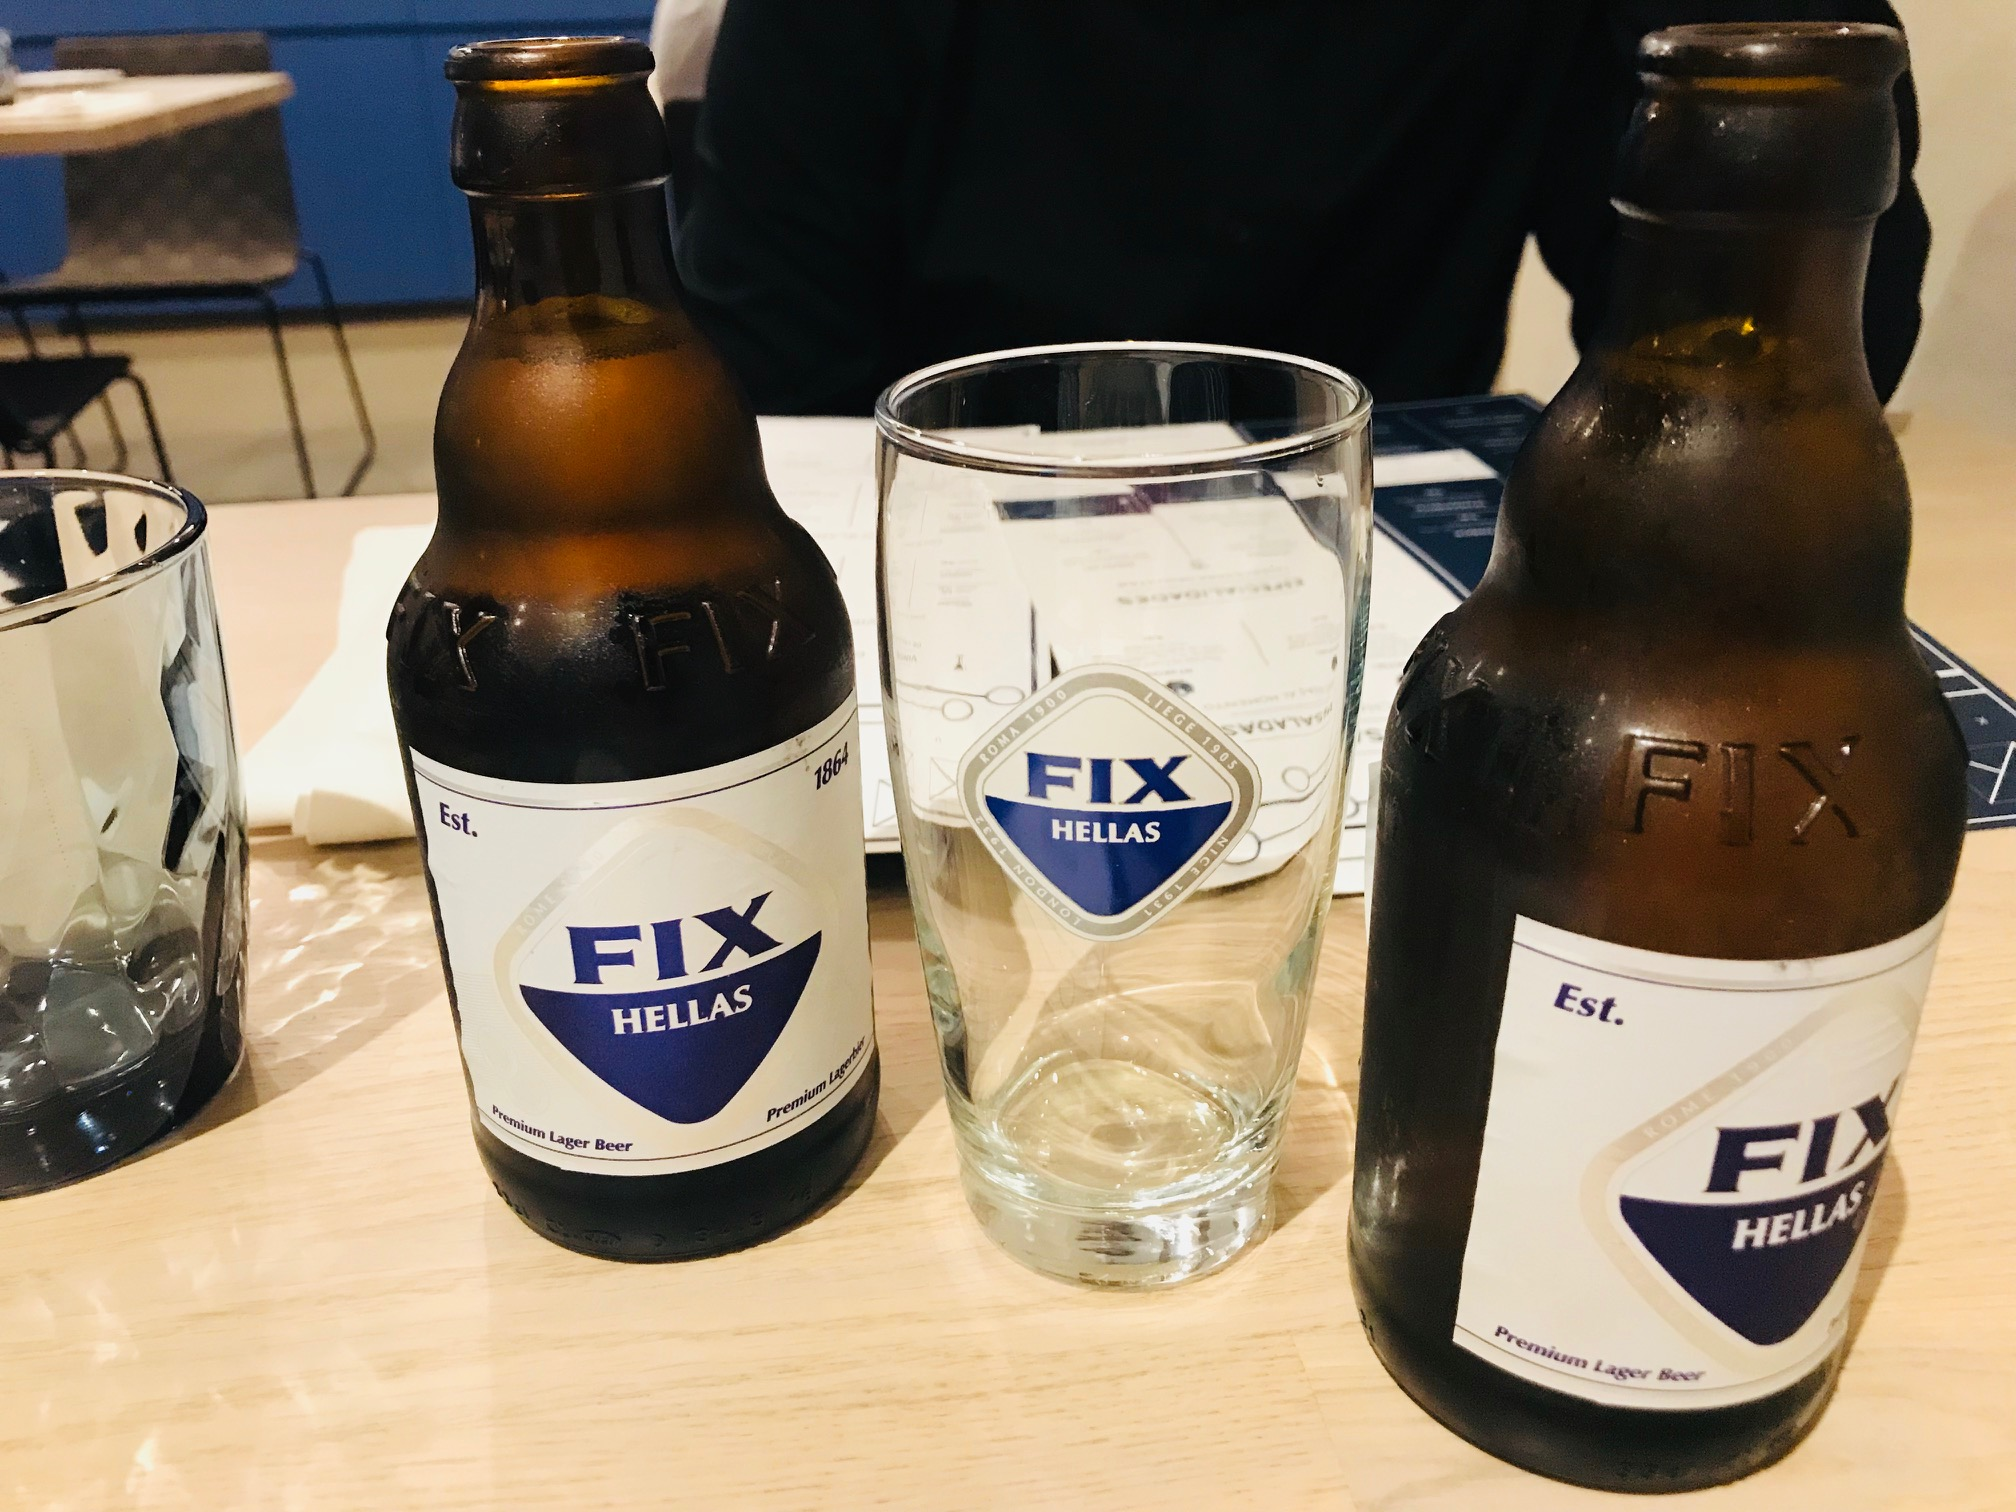 Cerveza griega: Fix Hellas